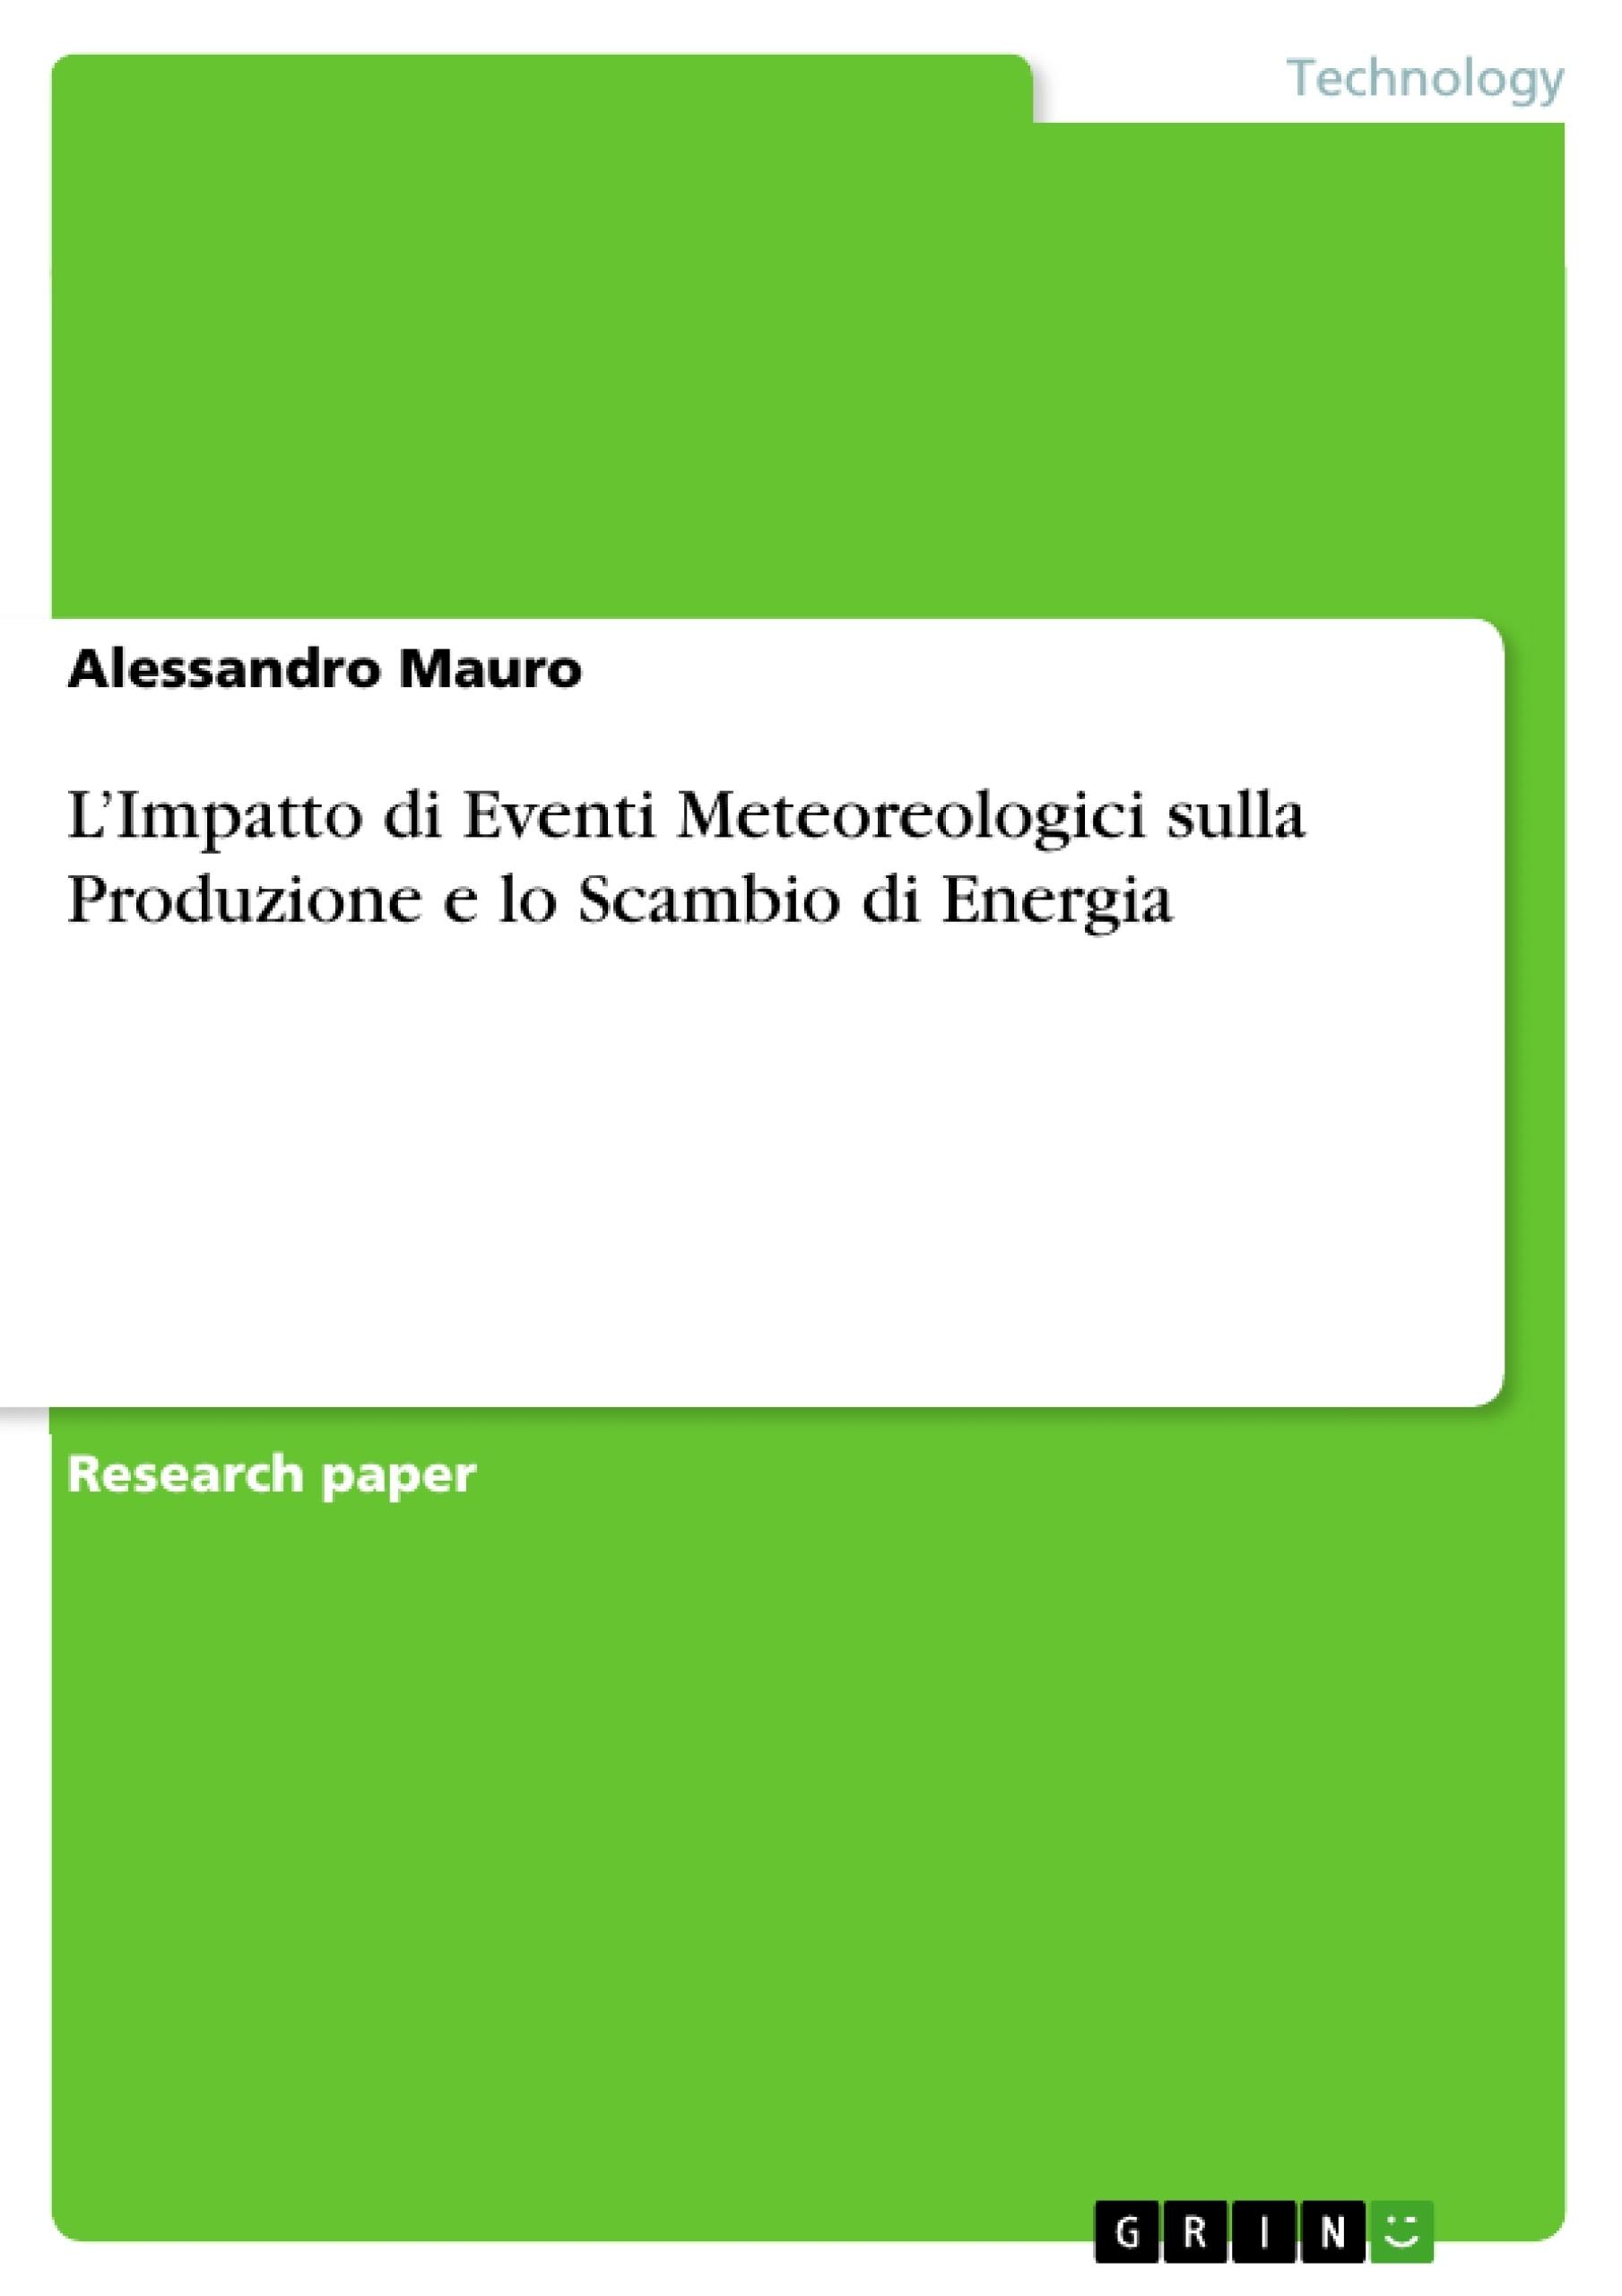 Title: L'Impatto di Eventi Meteoreologici sulla Produzione e lo Scambio di Energia